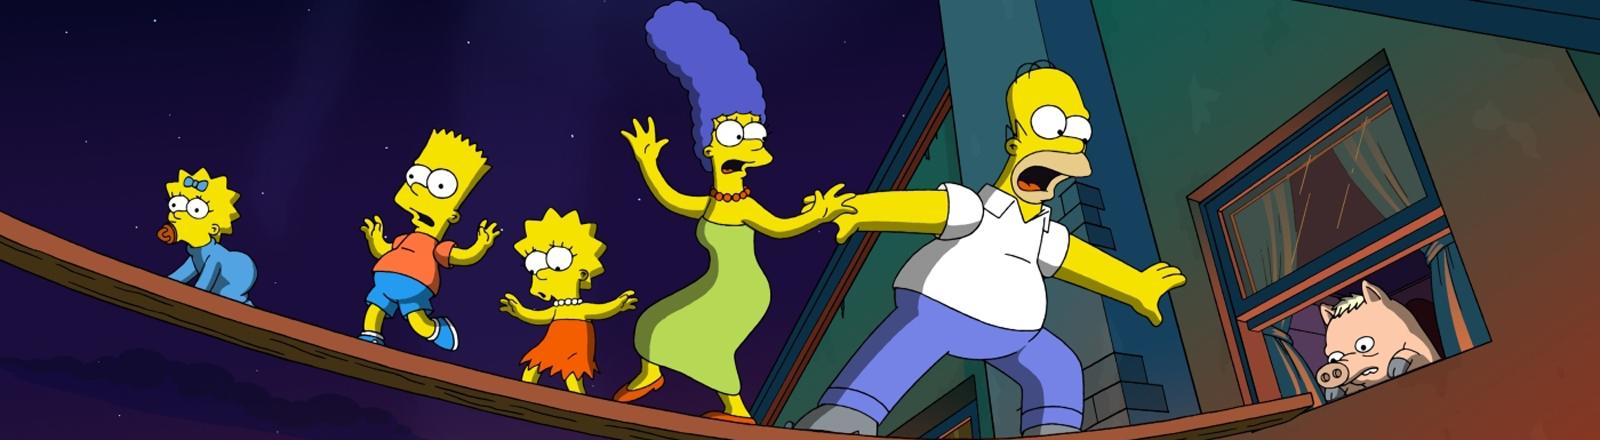 """Im Kinofilm """"Die Simpsons - Der Film"""" balancieren Maggie, Bart, Lisa, Marge und Homer Simpson über eine Holzplanke."""